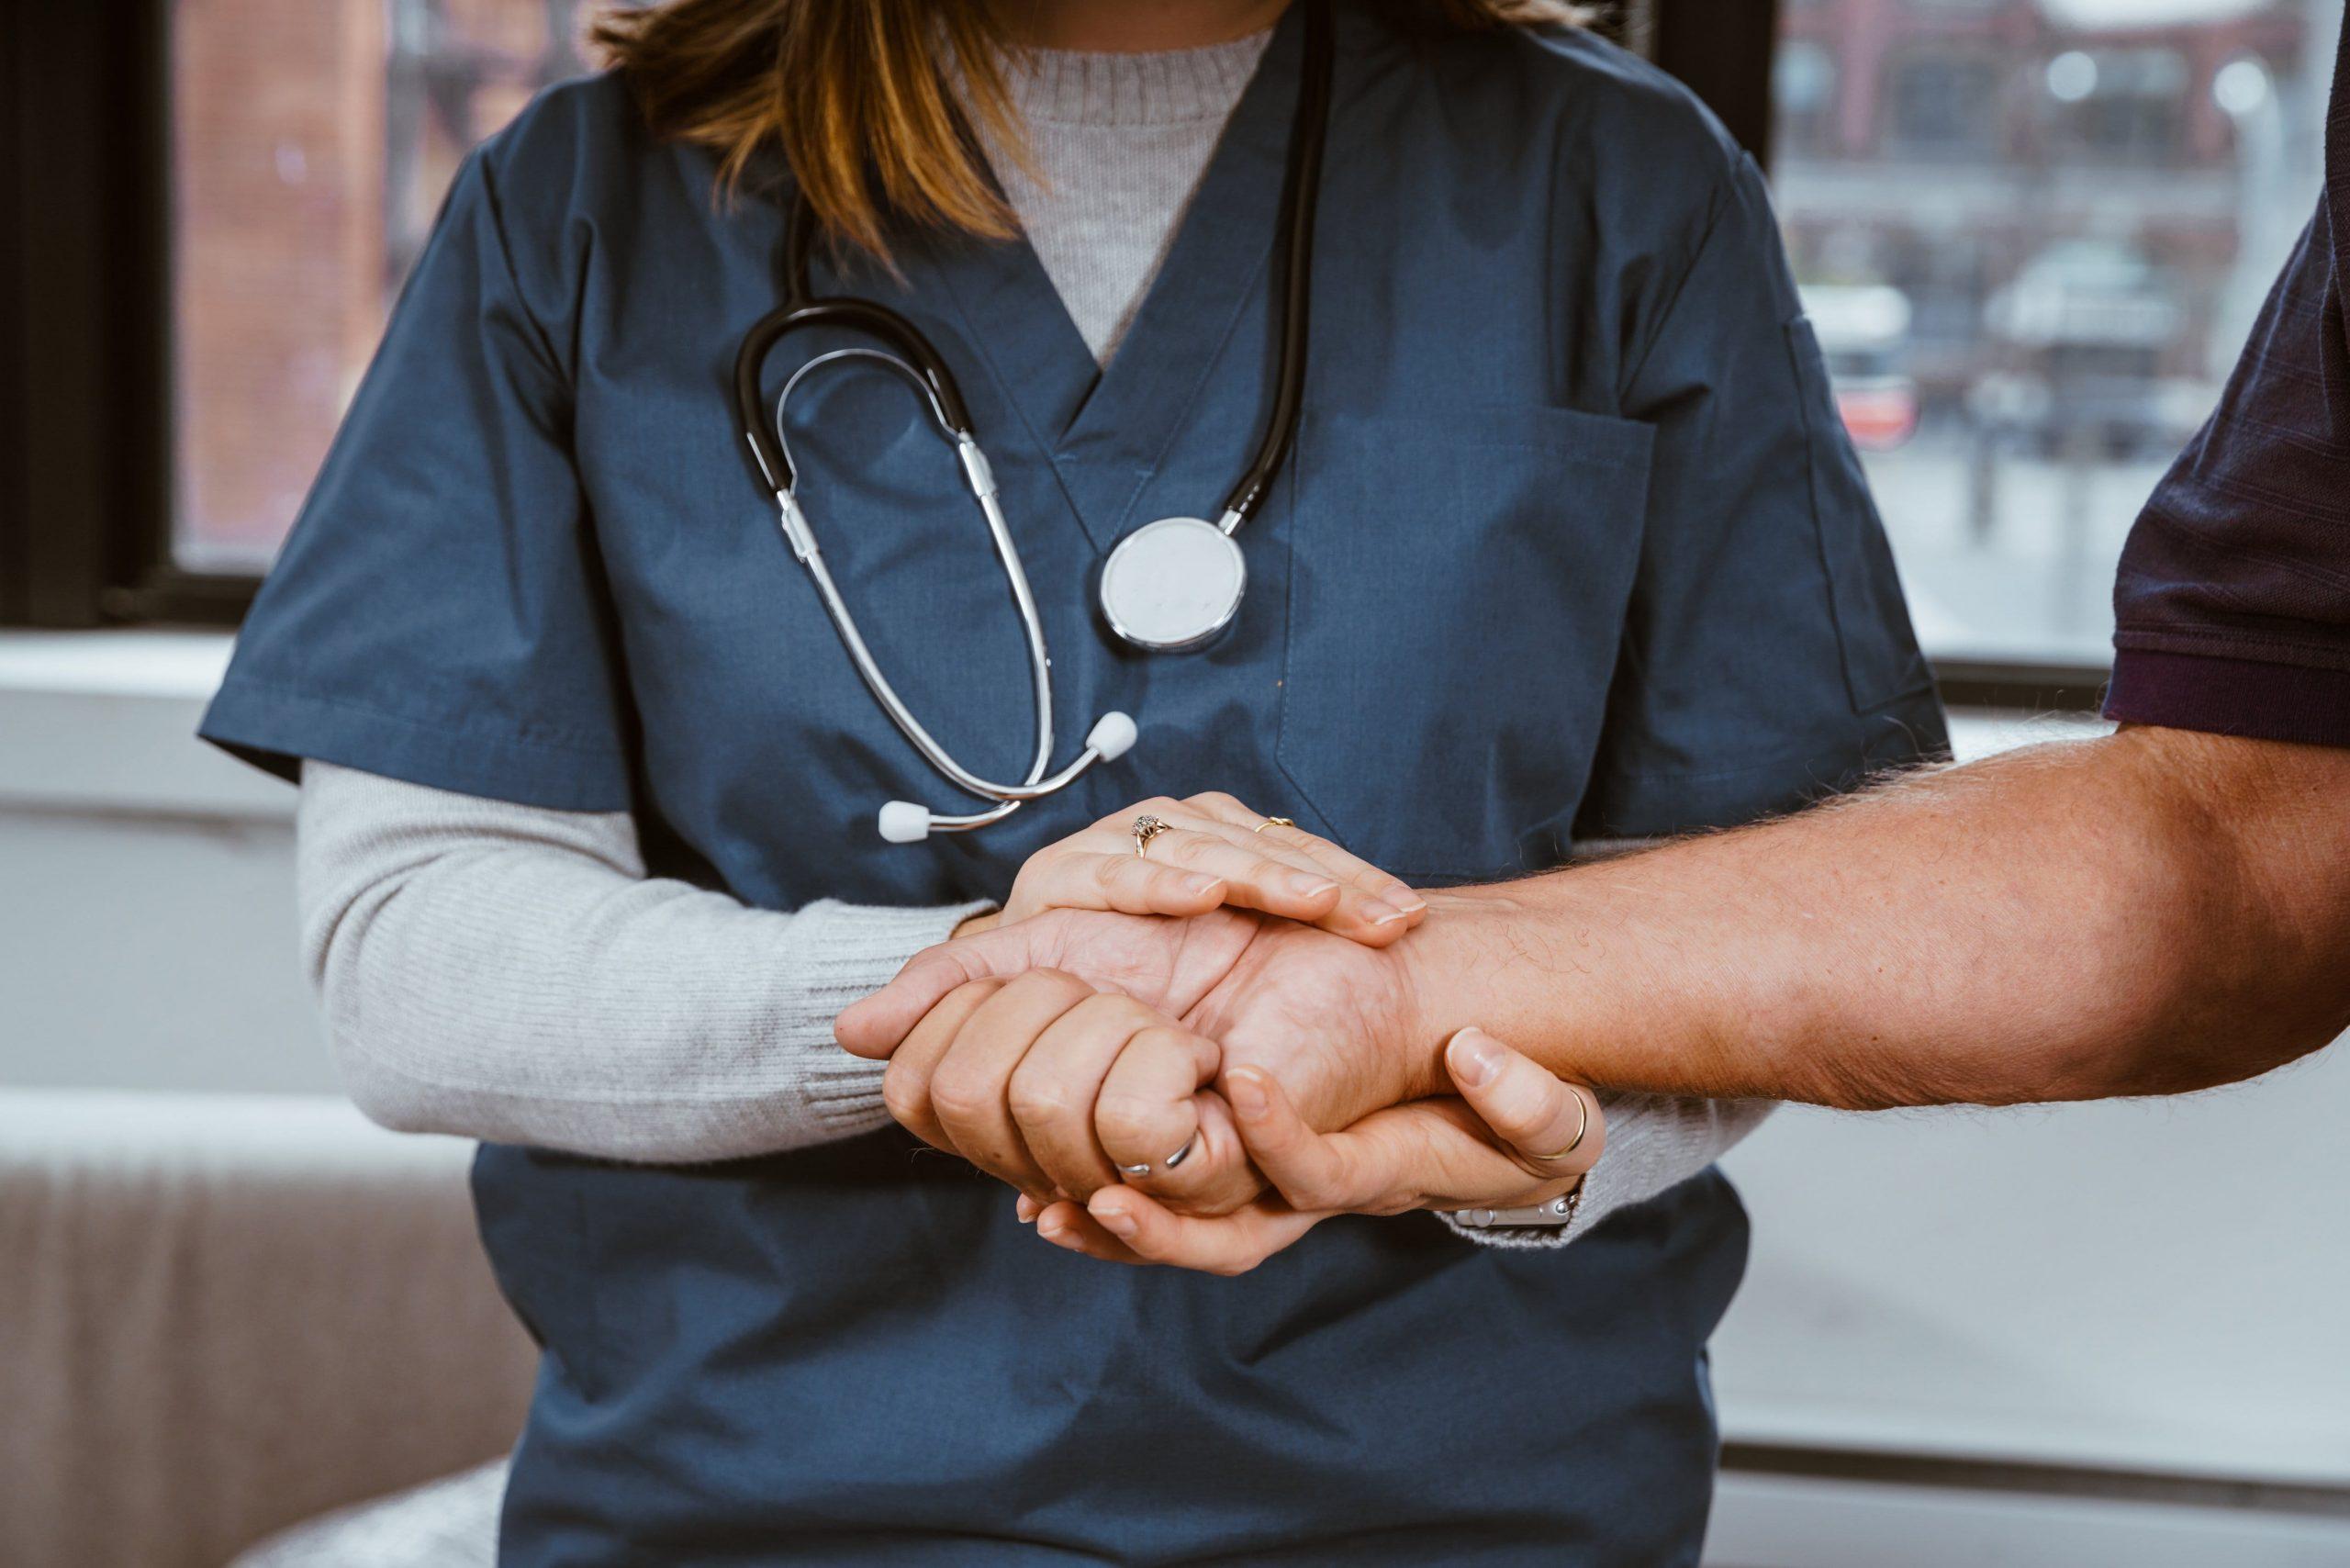 medico y paciente de la mano